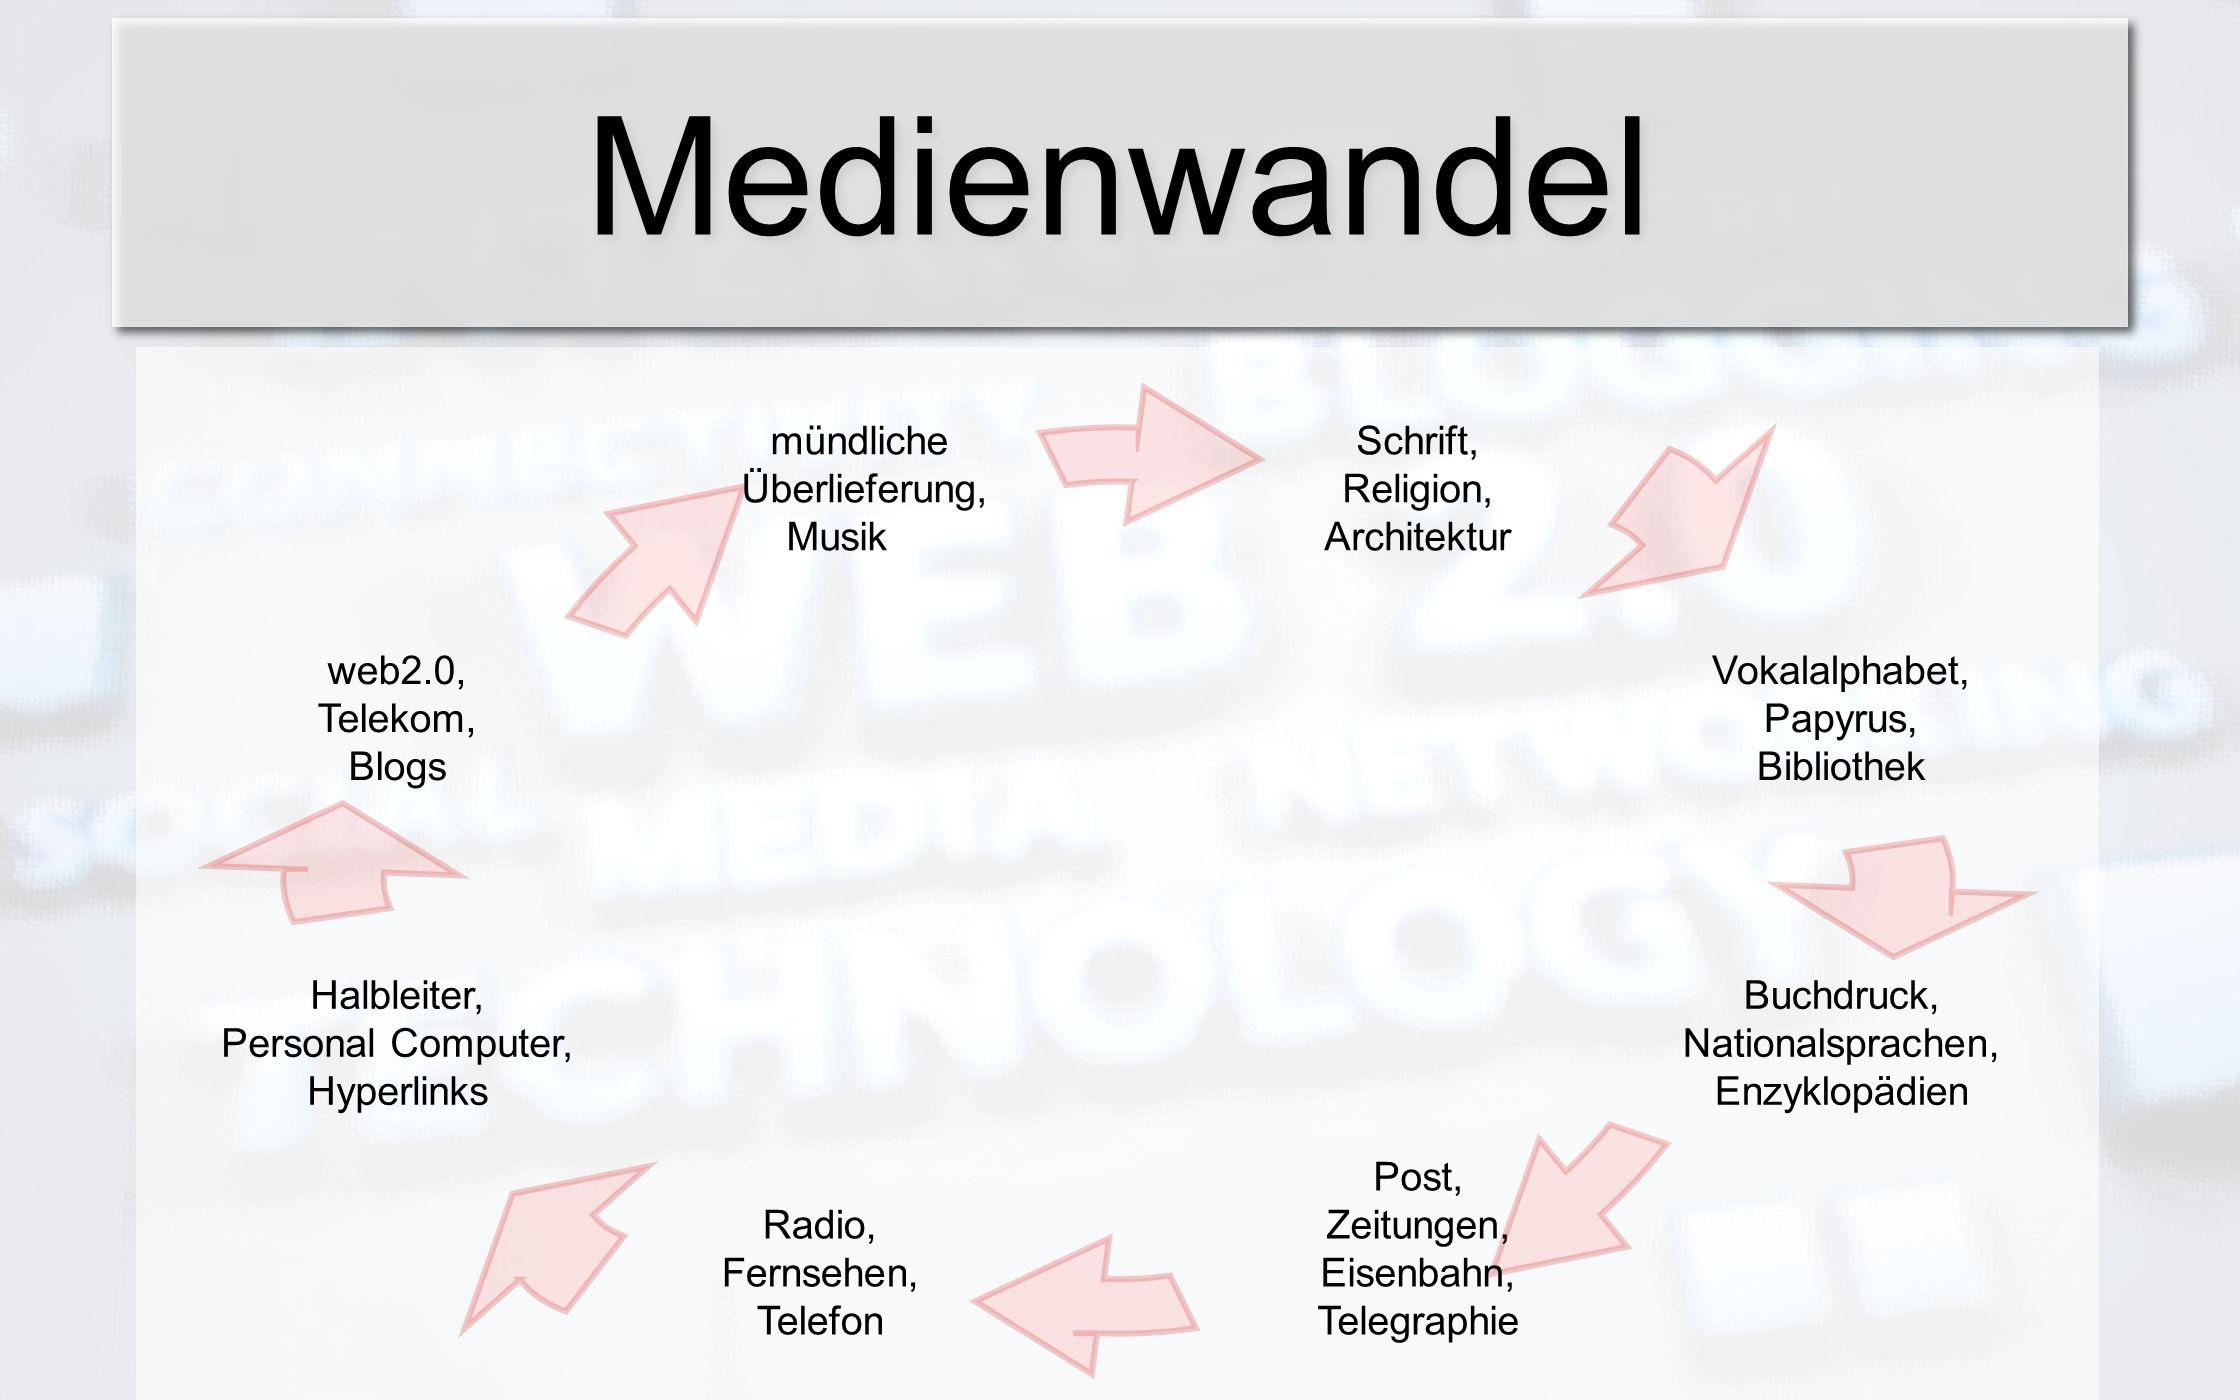 Gutenbergs revolutionäre Methode des Buchdrucks mit beweglichen Metall-Lettern : ~ 1450 Ausbildung des Verlagswesens, das den sozialen Wandel beschleunigend vorantreibt: ~ 1650/1750 hier mal eine kleine Analogie...